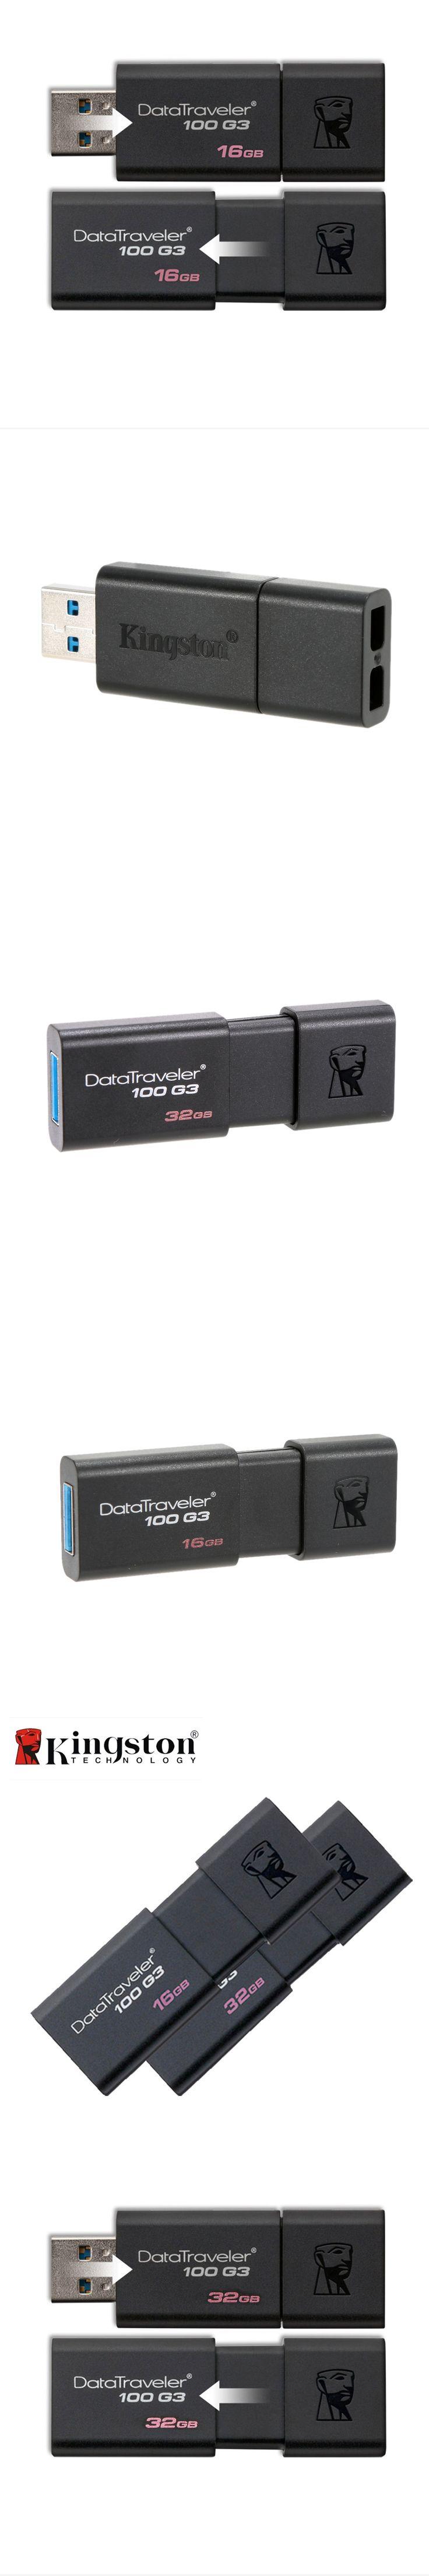 Kingston DT100G3 USB Flash Drive 32GB 16GB Pen Drive Pendrive 64 GB 128 GB Memoria USB Memory Stick Flash USB 3.0